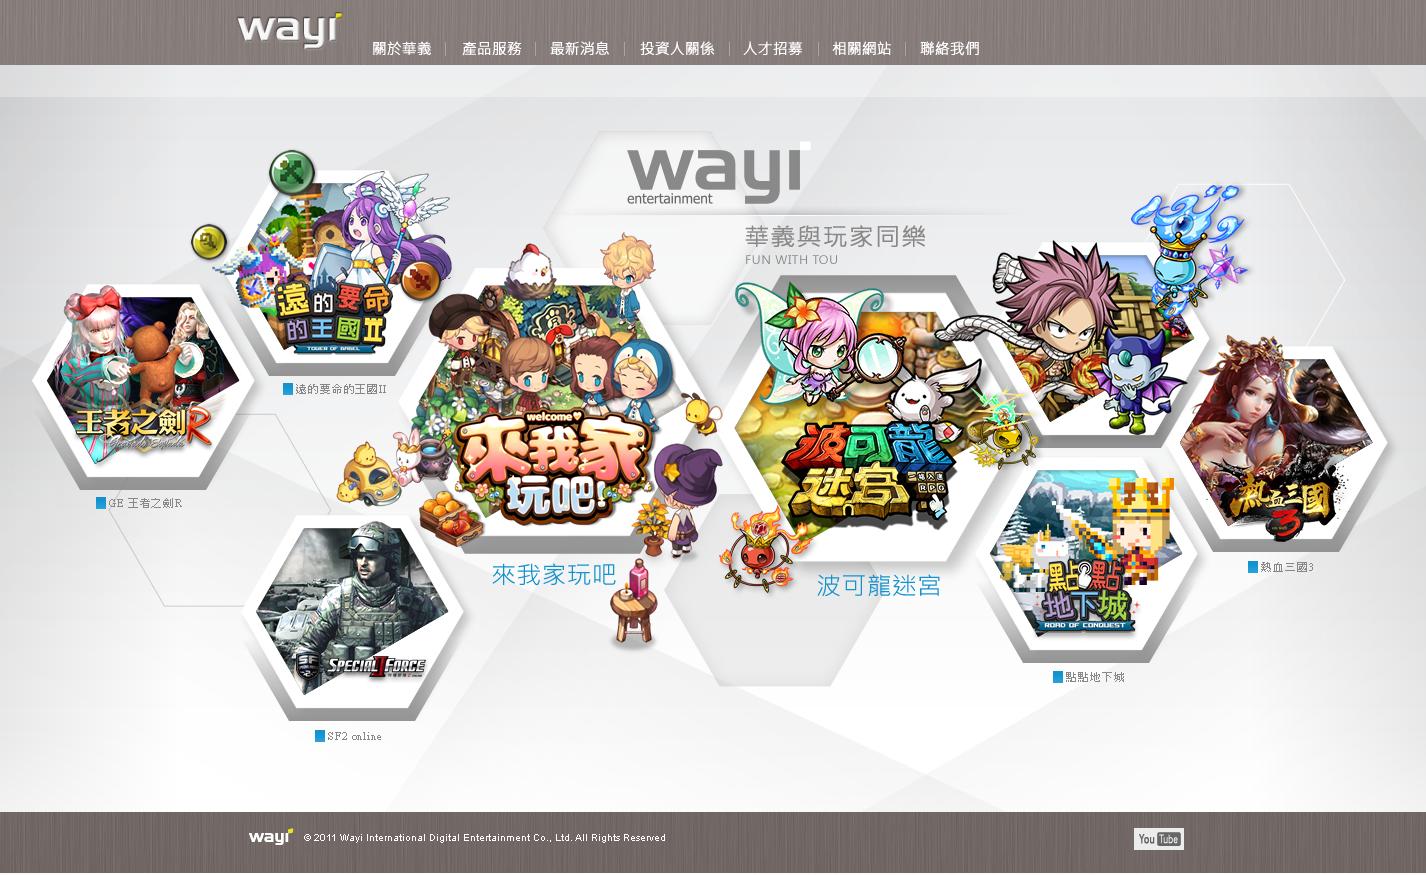 華義(3086)代理韓國 Kakao Games 全年齡遊戲,並招聘擴編頂尖的美術團隊,因應拓展海內外美術代工。